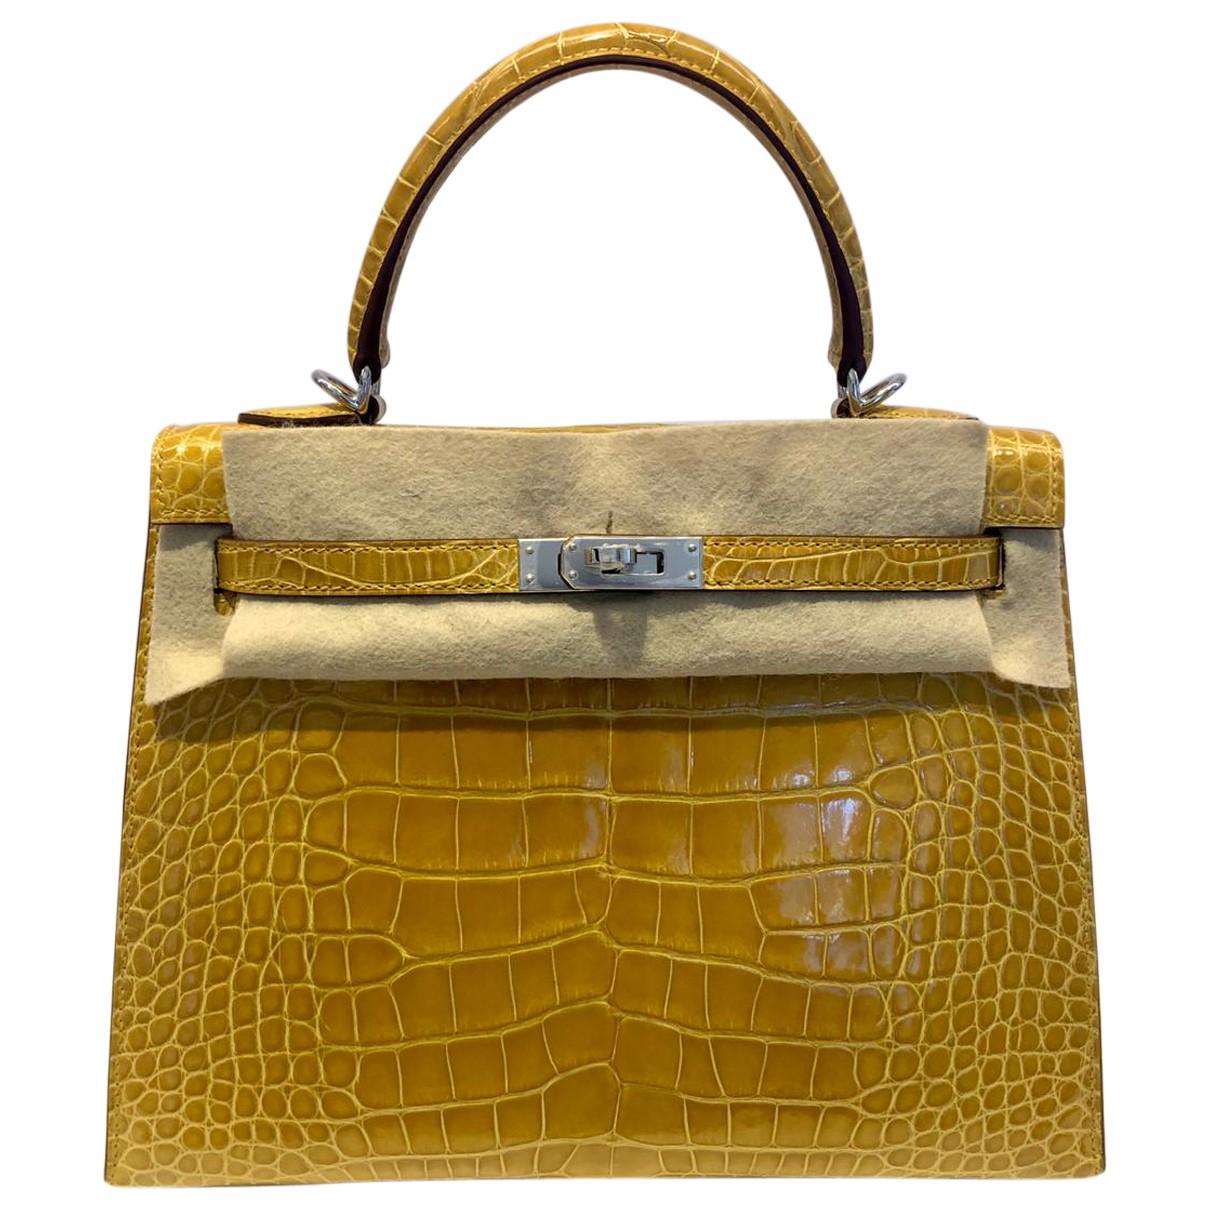 Hermes Kelly 25 Handtasche in  Gelb Aligator